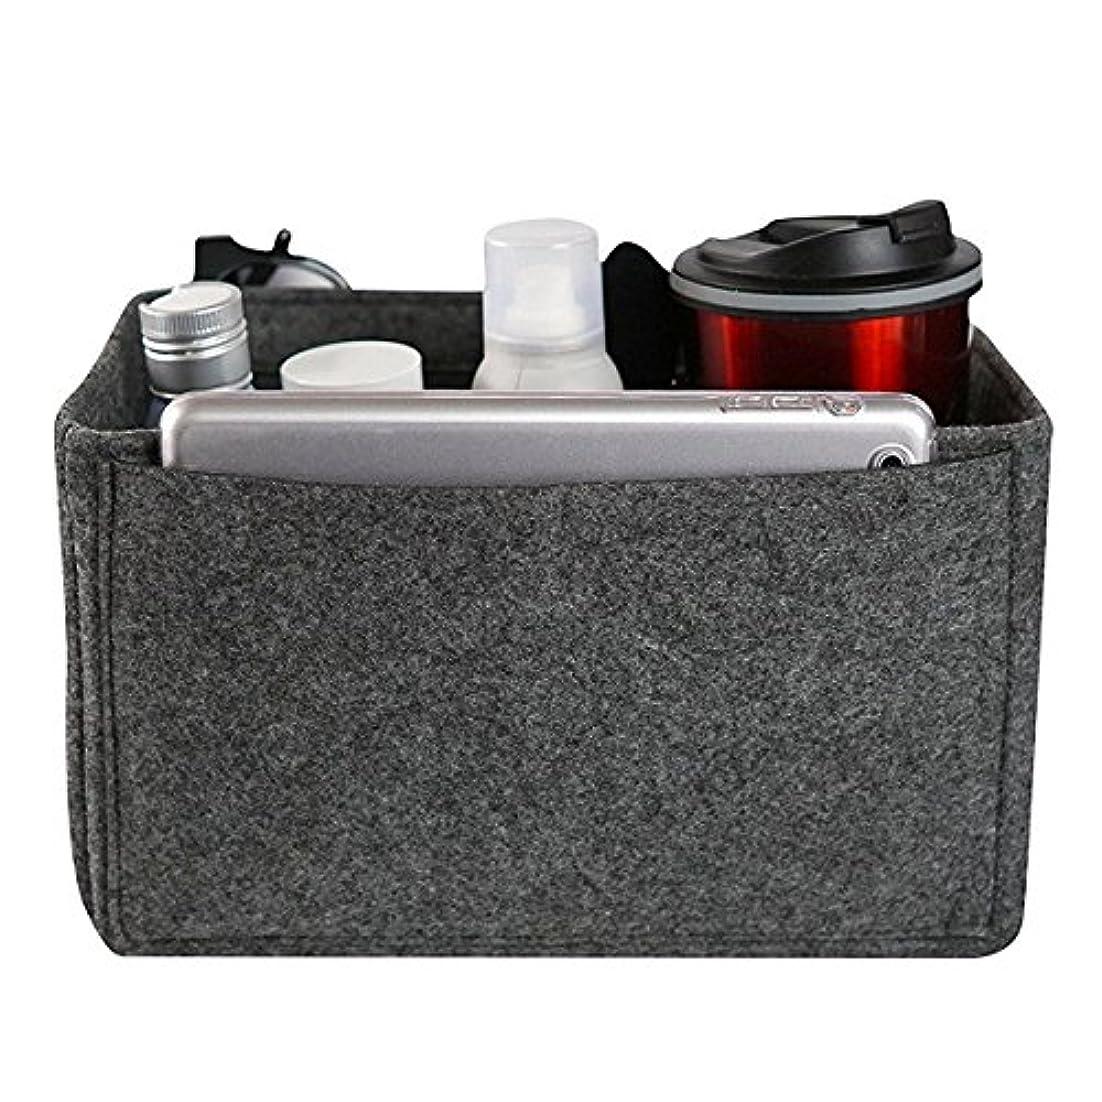 クリップ上下する貧困YZUEYT フェルトインサートバッグマルチポケット化粧品ハンドバッグ財布オーガナイザーホルダーメイクアップトラベルジッパー YZUEYT (Color : Color dark gray, Size : XL)